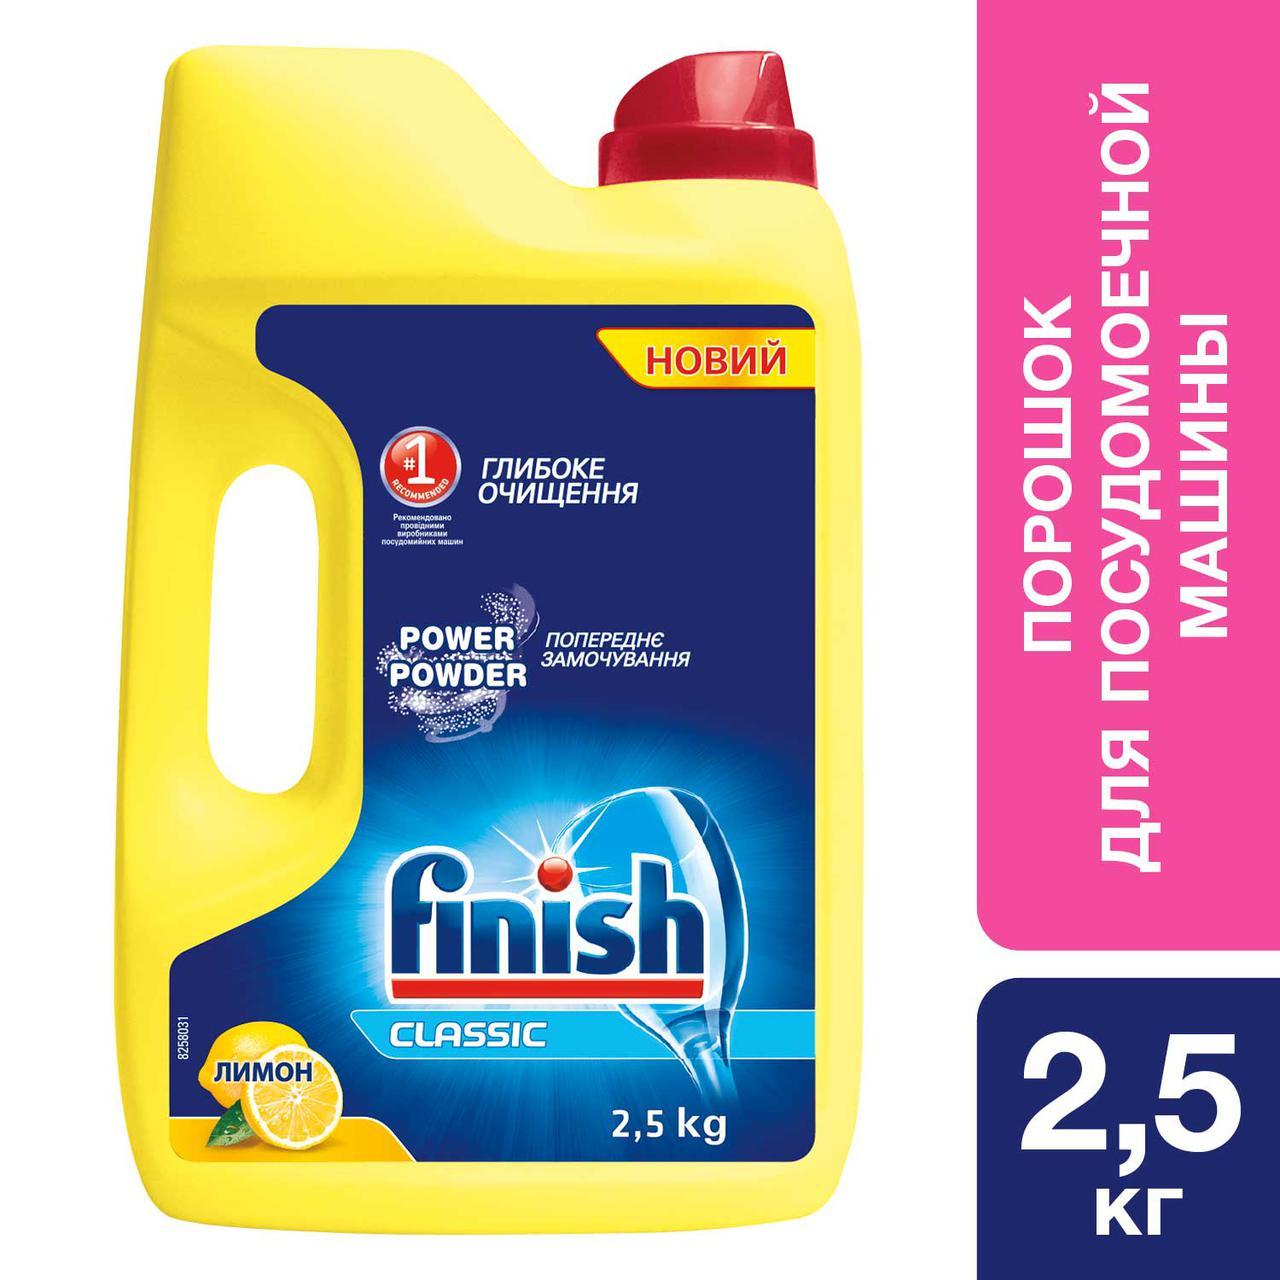 Порошок для мытья посуды в посудомоечных машинах FINISH 2,5 кг с ароматом лимона